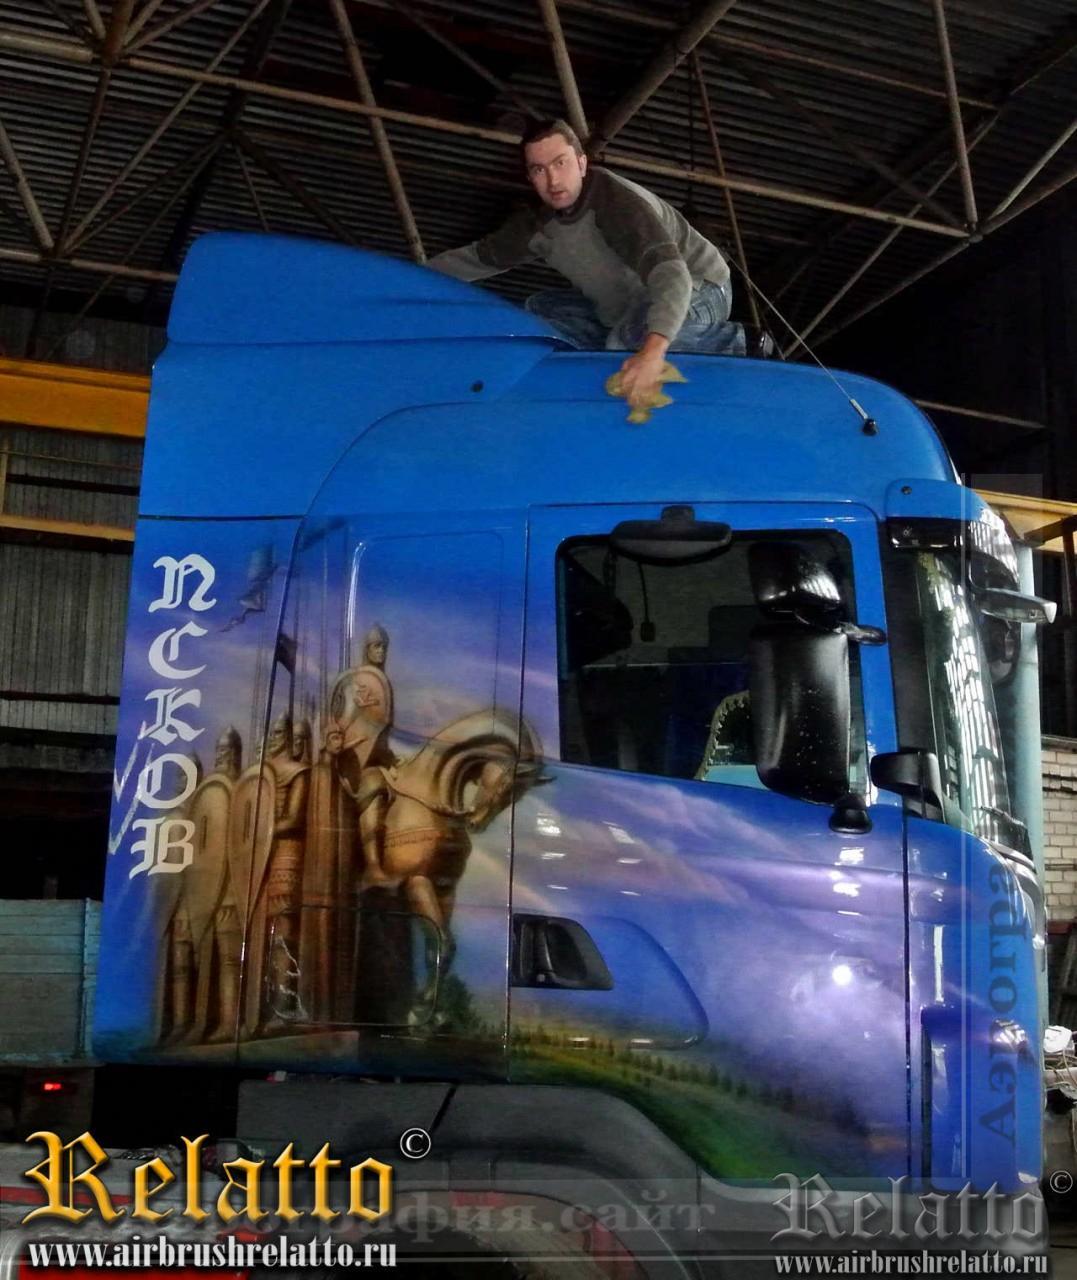 Роспись фуры Scania